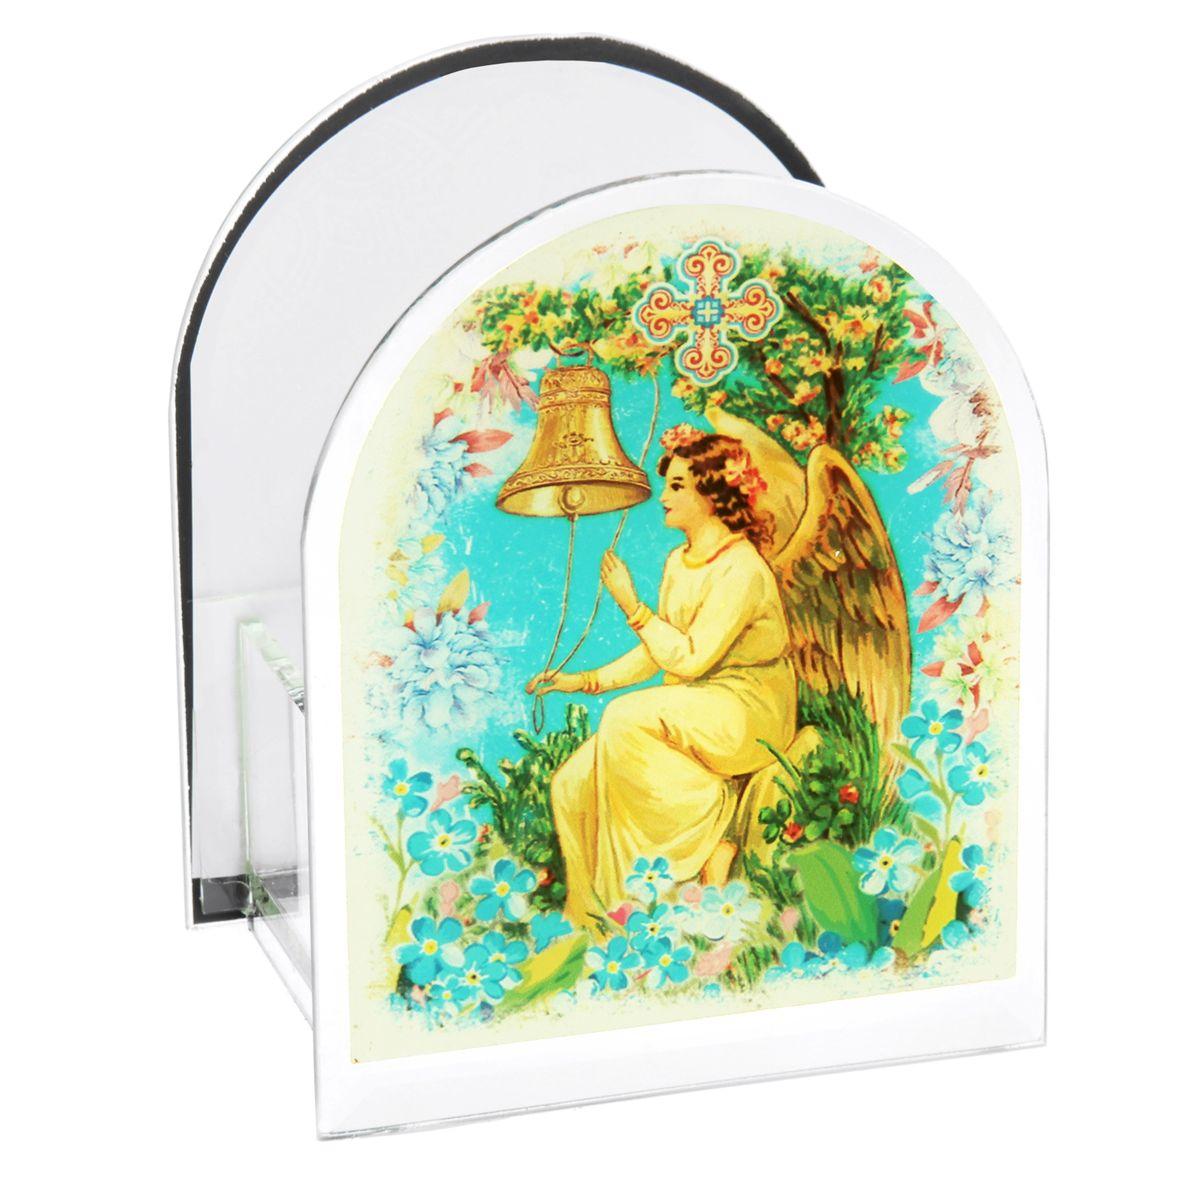 Подсвечник Sima-land Ангел25051 7_зеленыйПодсвечник Sima-land Ангел изготовлен из качественного стекла, предназначен для свечи в гильзе. С одной стороны подсвечника изображен ангел, с другой стороны написаны пожелания. Зажгите свечку поставьте ее в подсвечник и наслаждайтесь теплом, которое наполнит ваше сердце.Такой подсвечник привнесет в ваш дом согласие и мир и будет прекрасным подарком, оберегающим близких вам людей. Размер подсвечника (ДхШхВ): 9 см х 7 см х 11 см.Диаметр отверстия для свечи: 4,5 см.